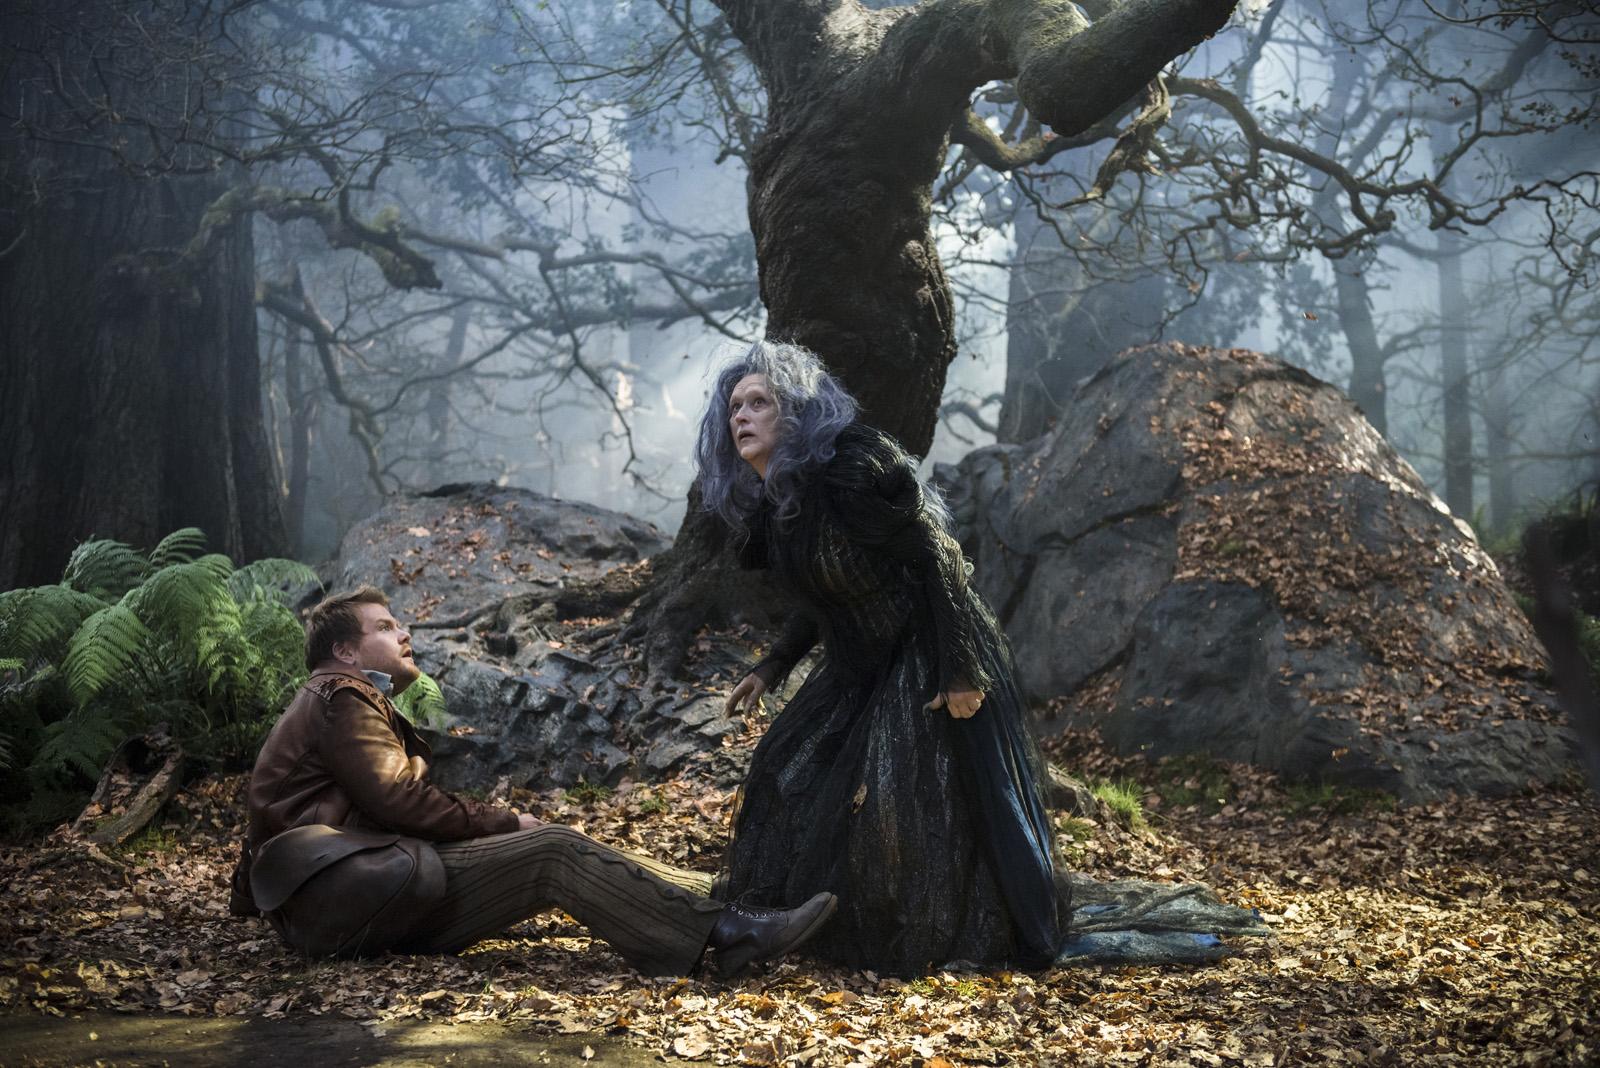 Into the Woods – Promenons nous dans les bois